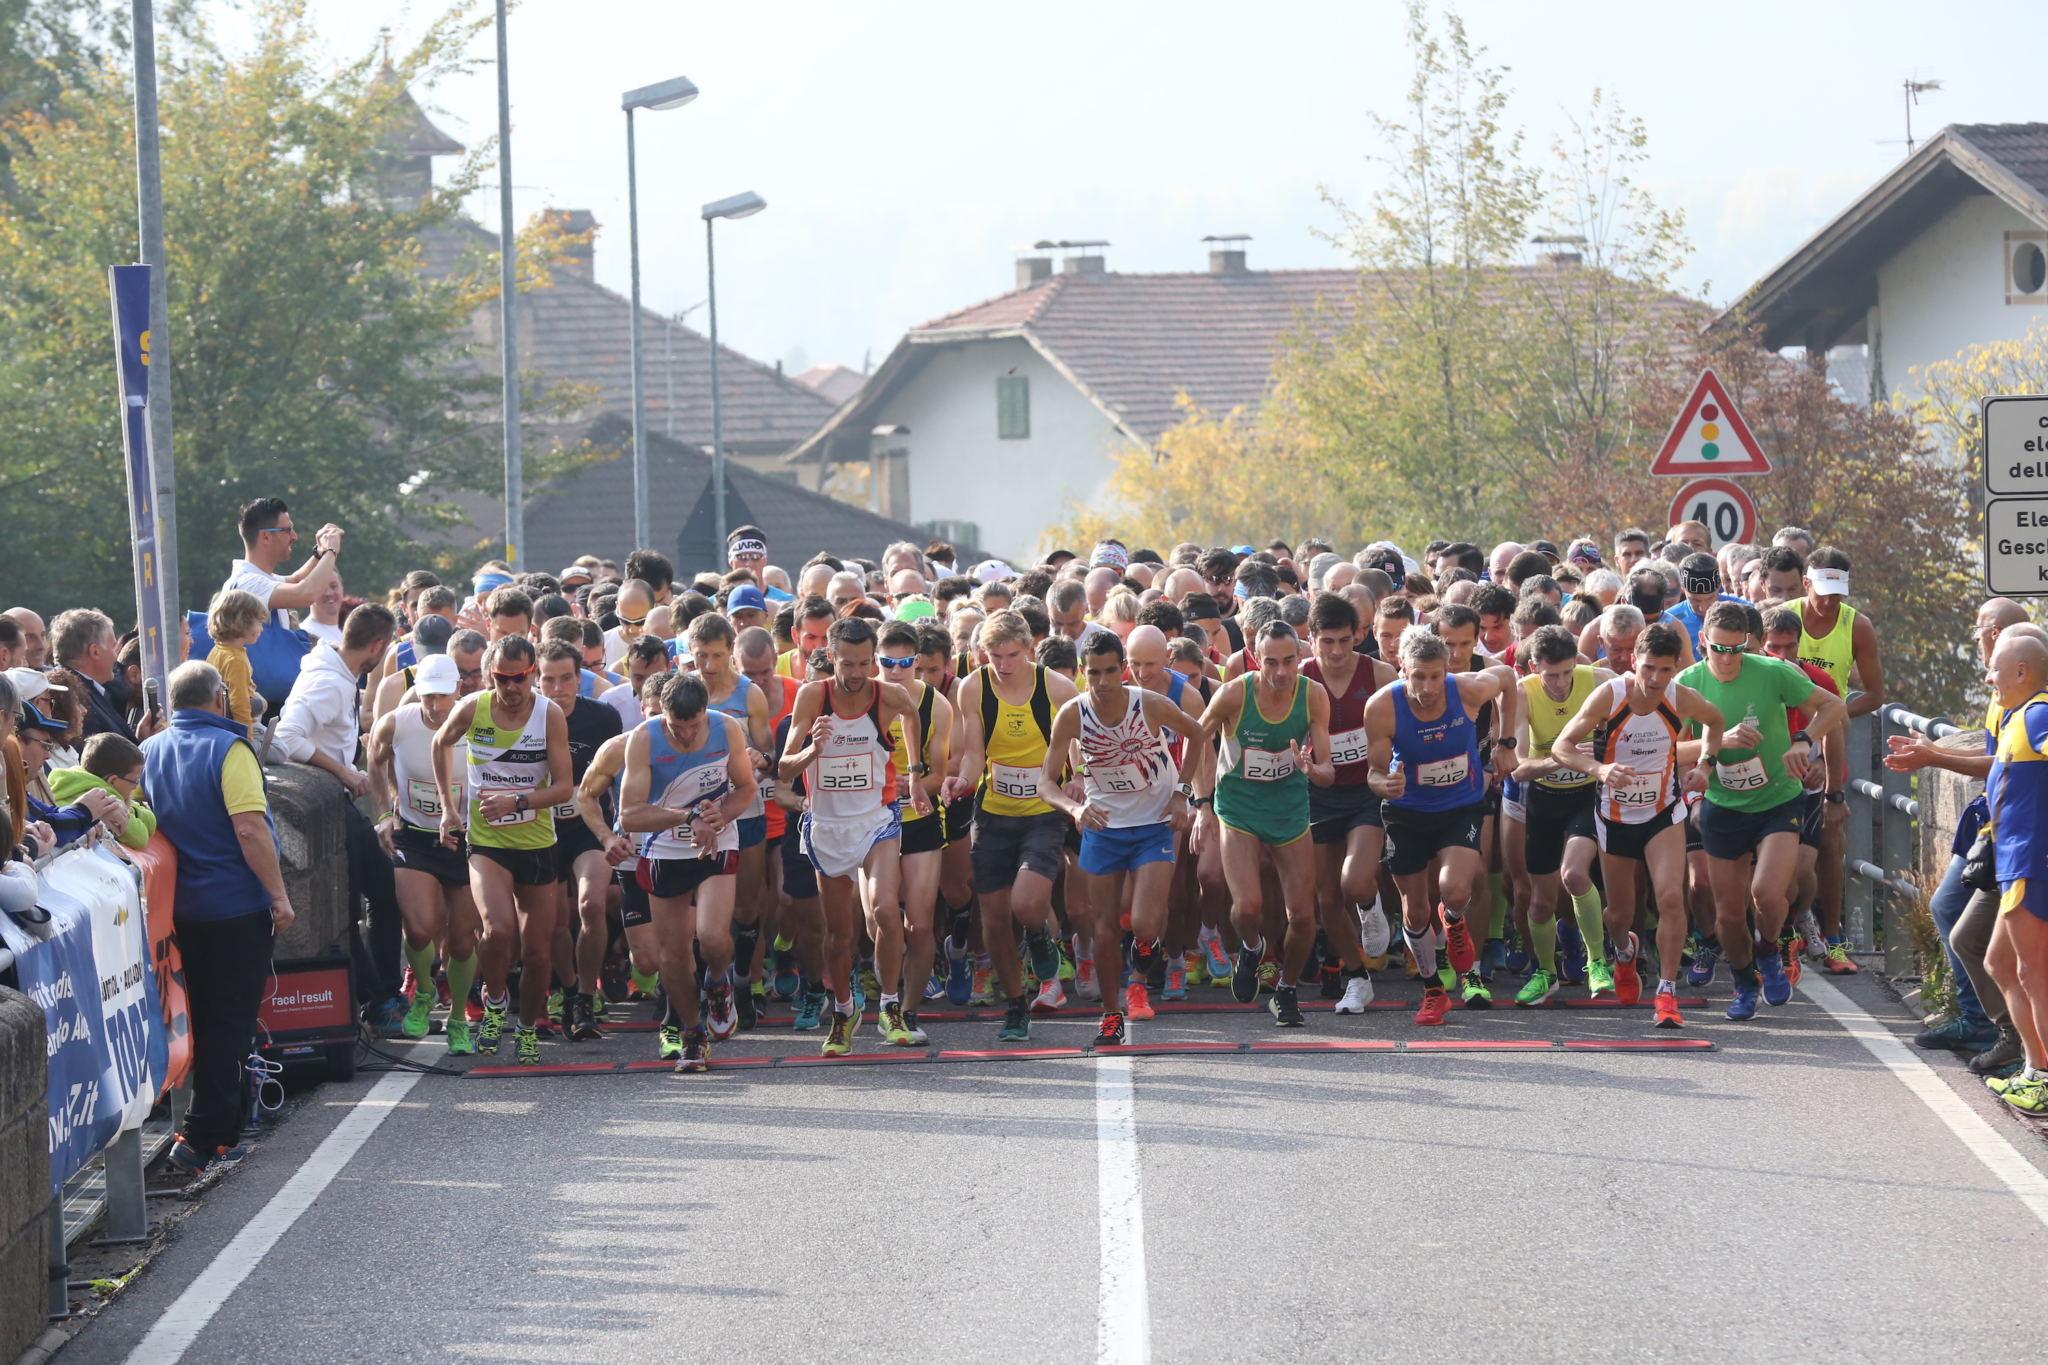 Der Agefactor Run schließt die Top7-Laufserie ab